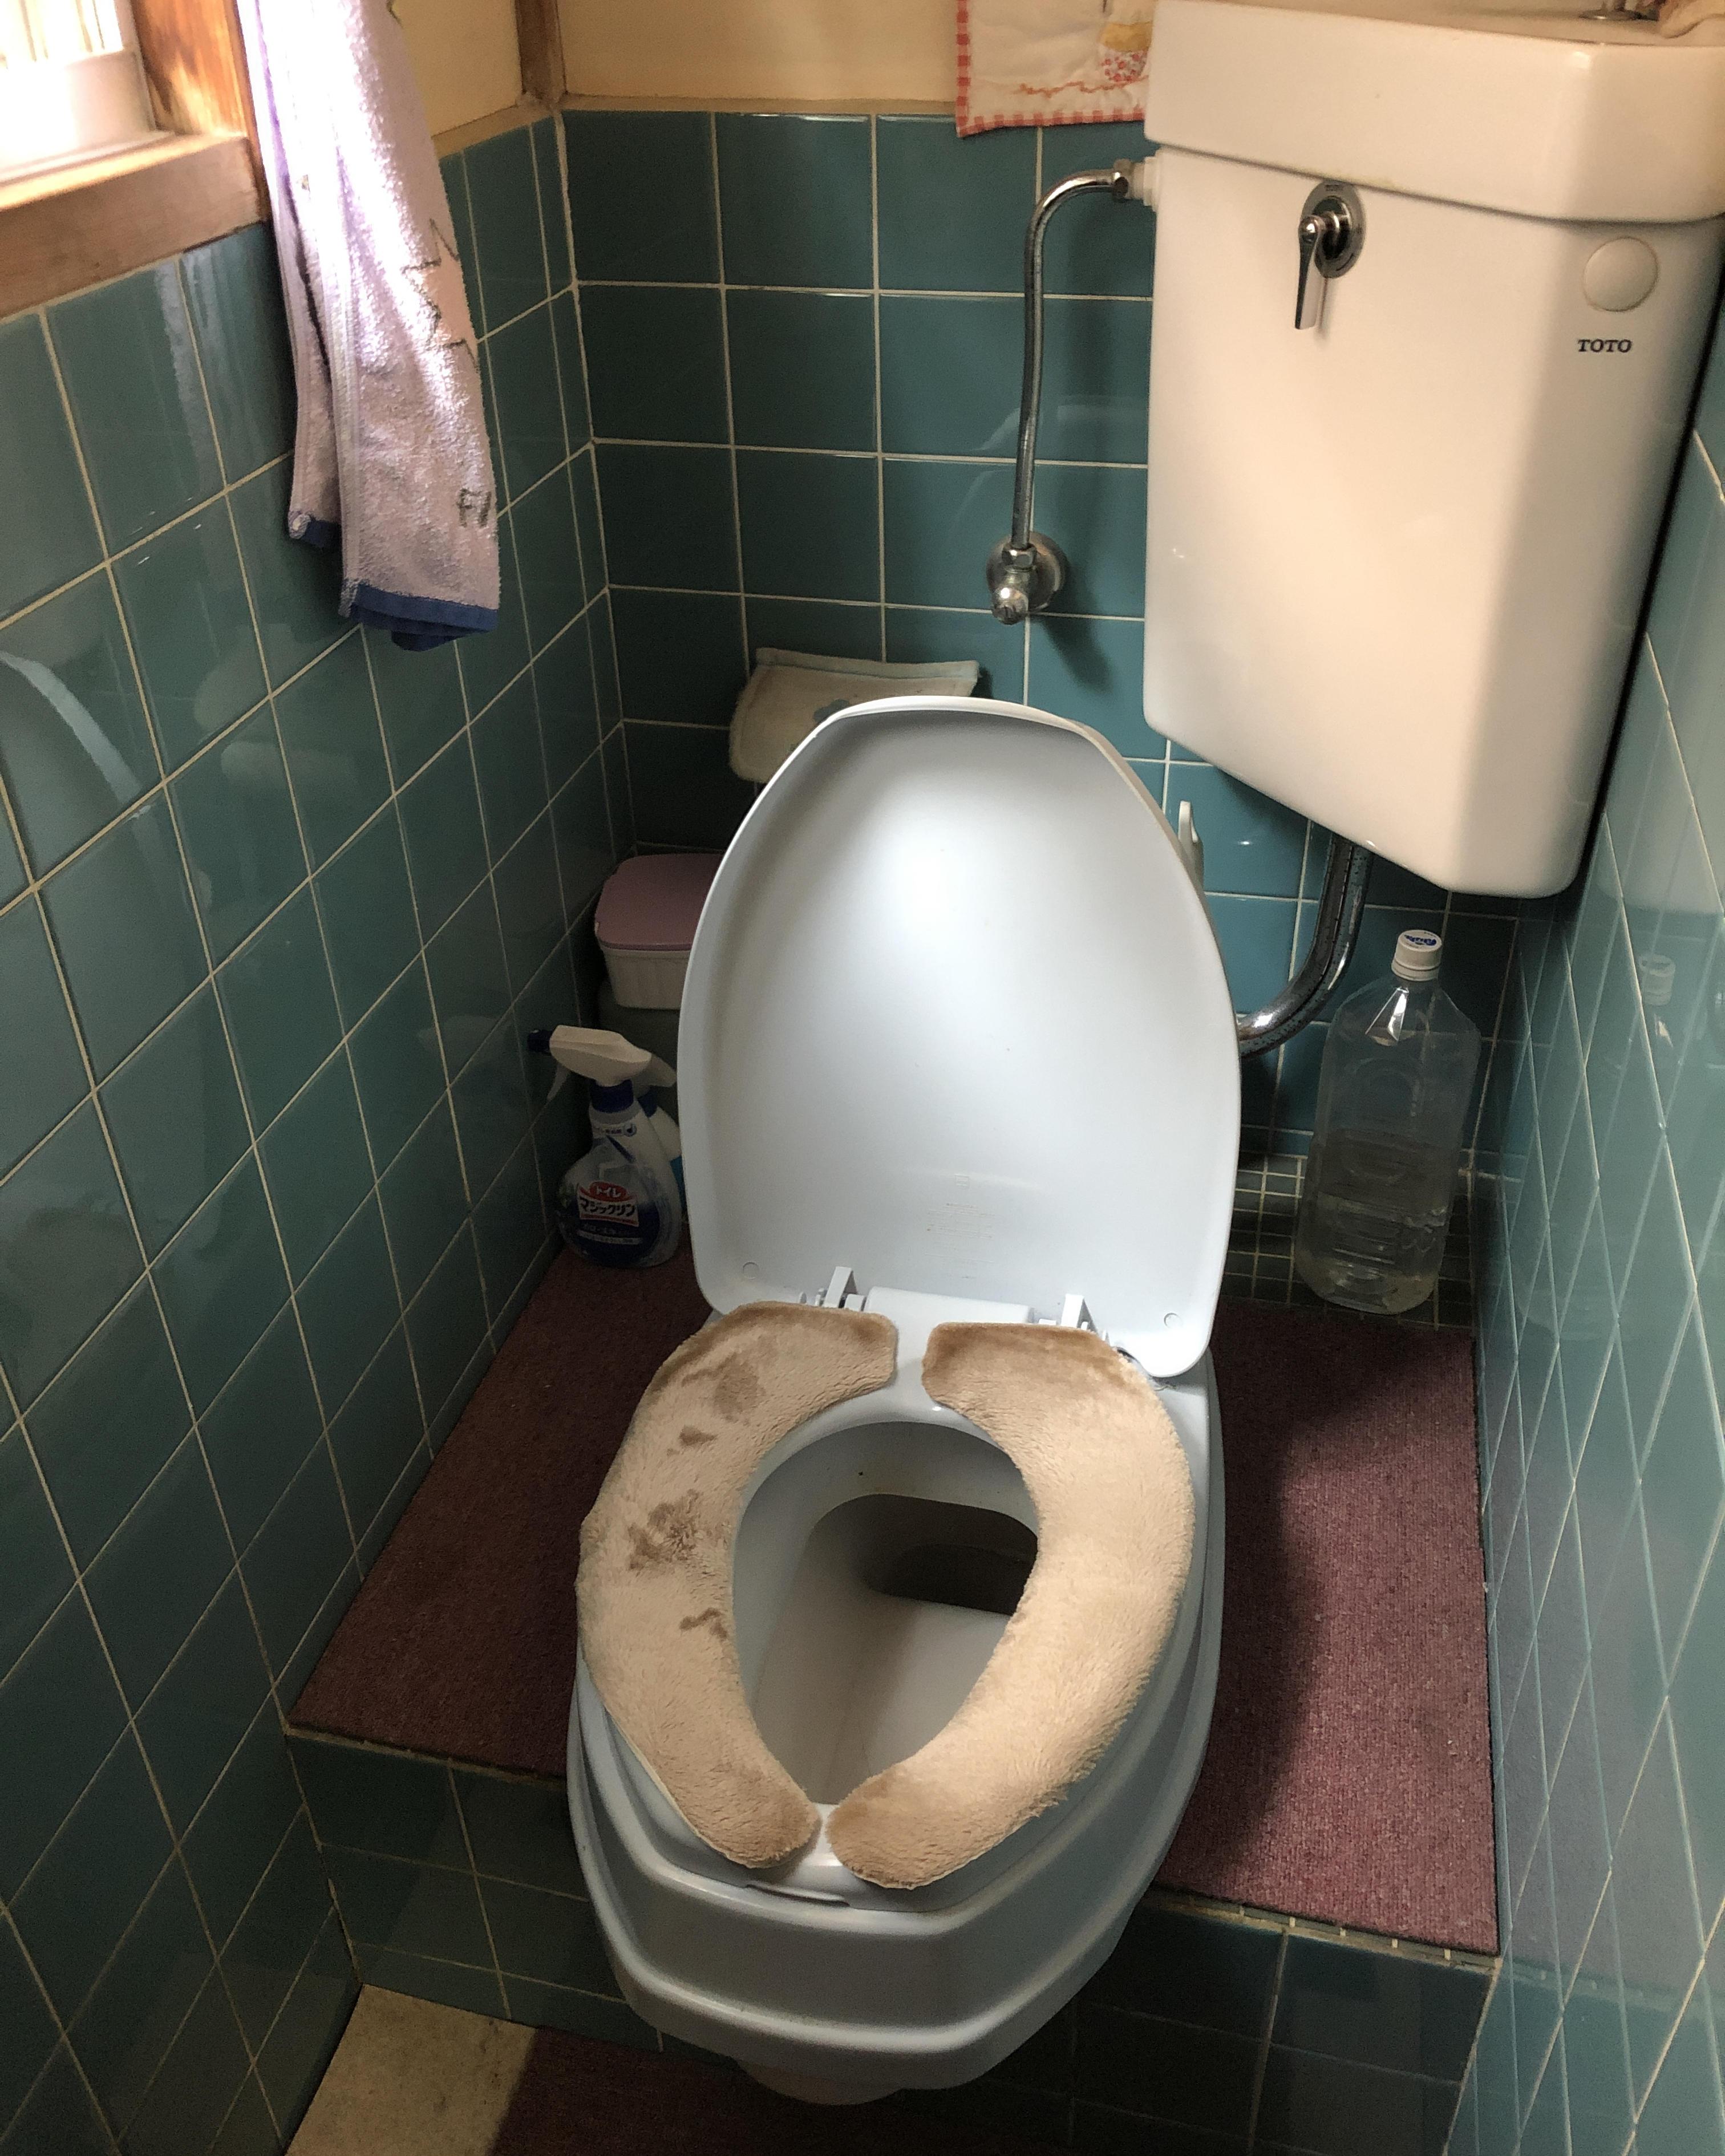 F様邸。簡易トイレから洋式トイレへのリフォーム事例です。